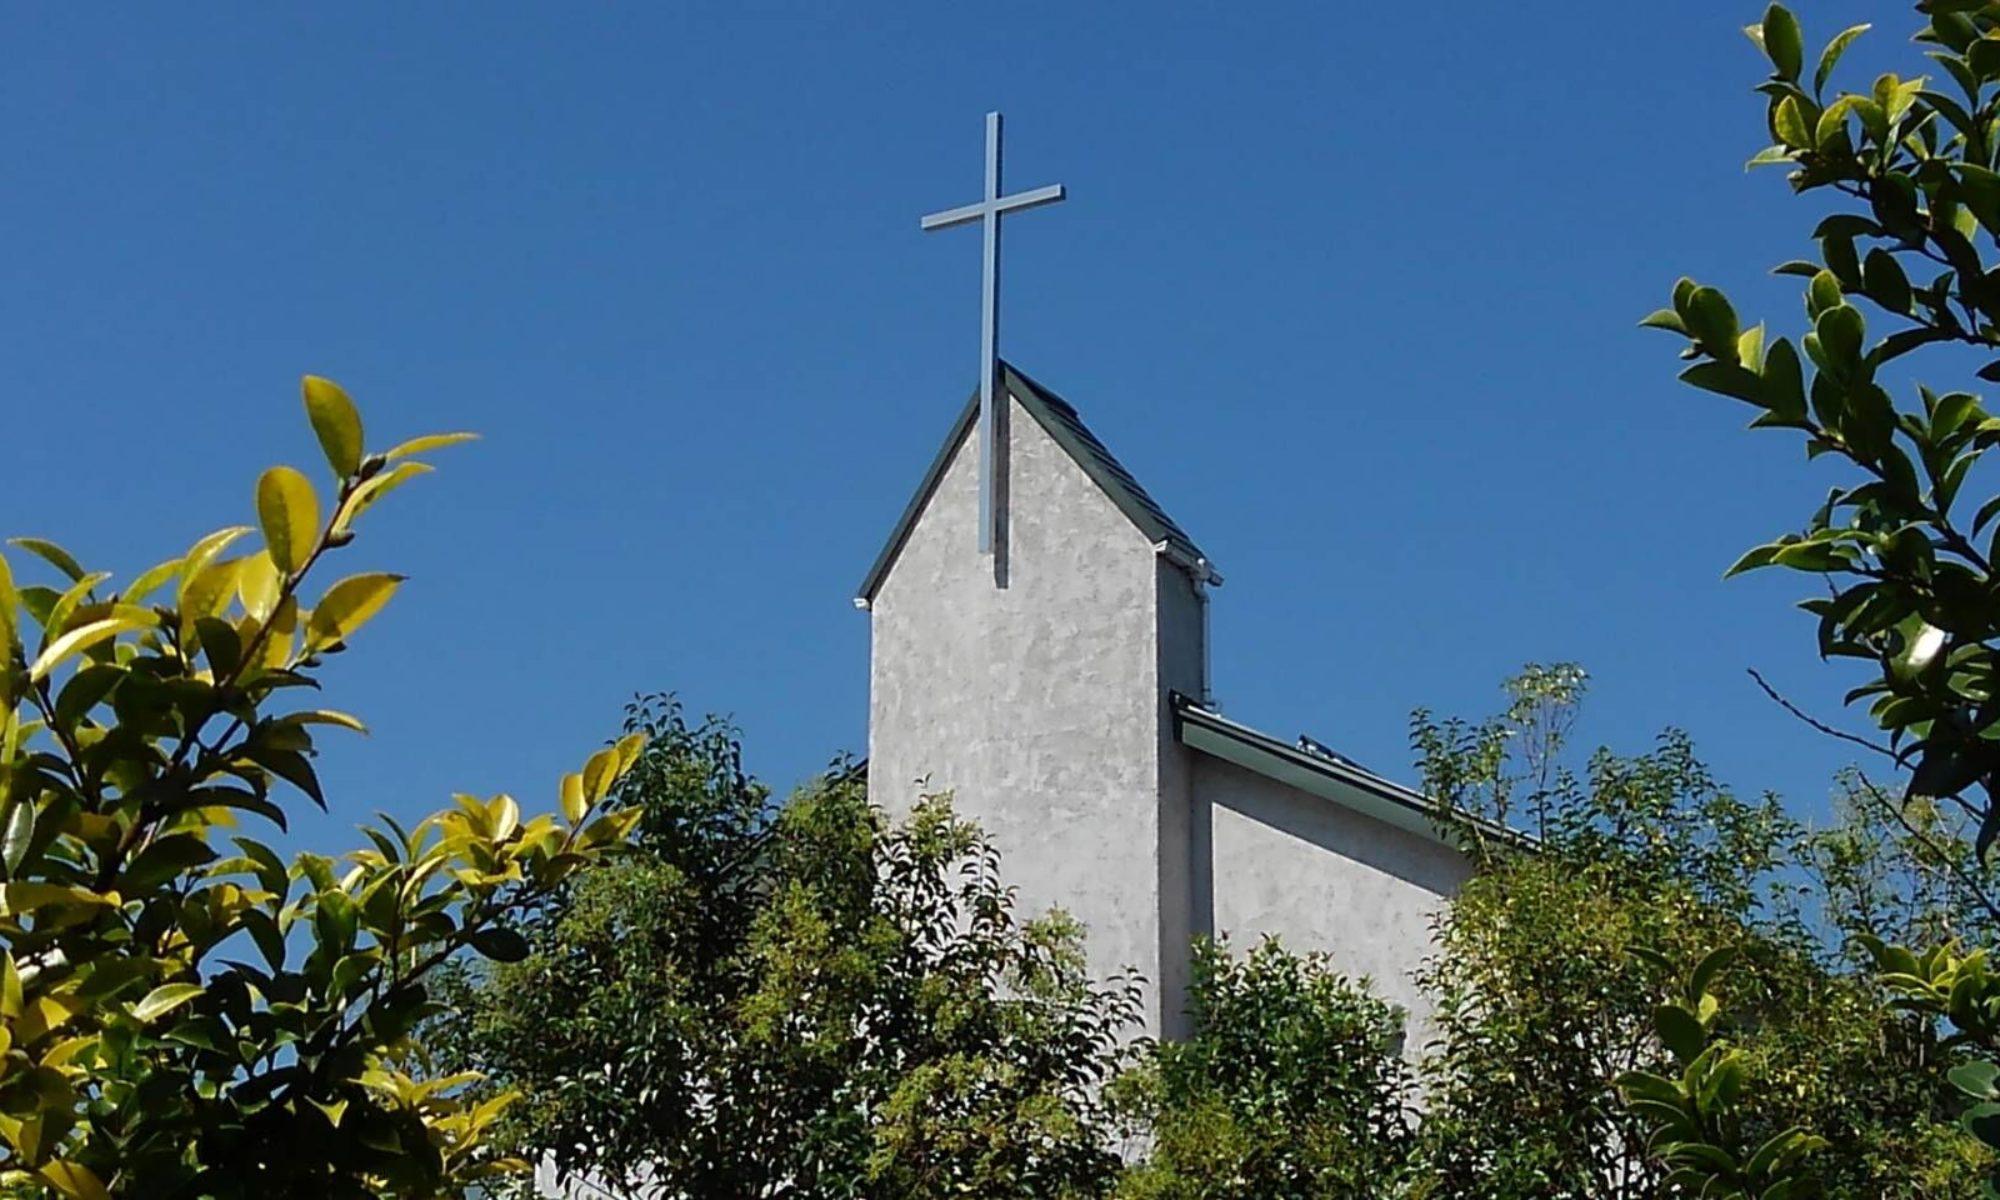 インマヌエル富山キリスト教会